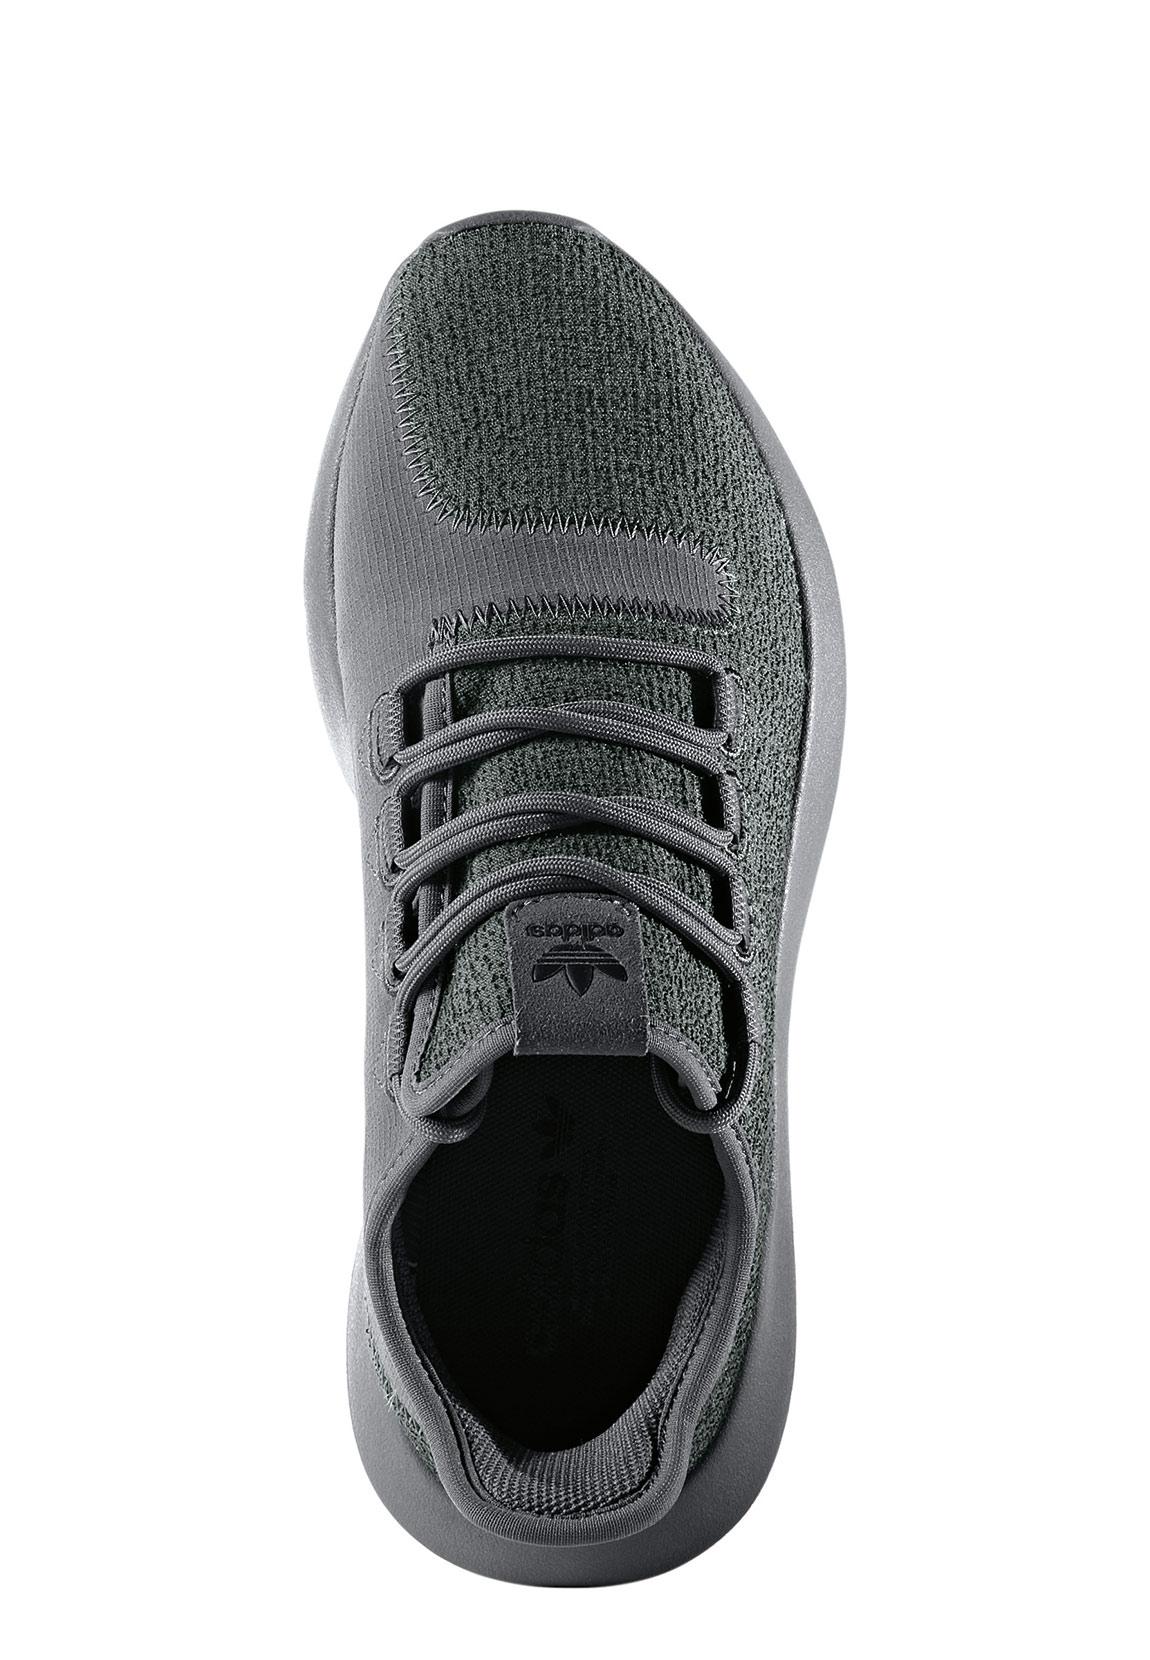 Schuhe Grau BY9741 W SHADOW TUBULAR Damen Turnschuhe Damen